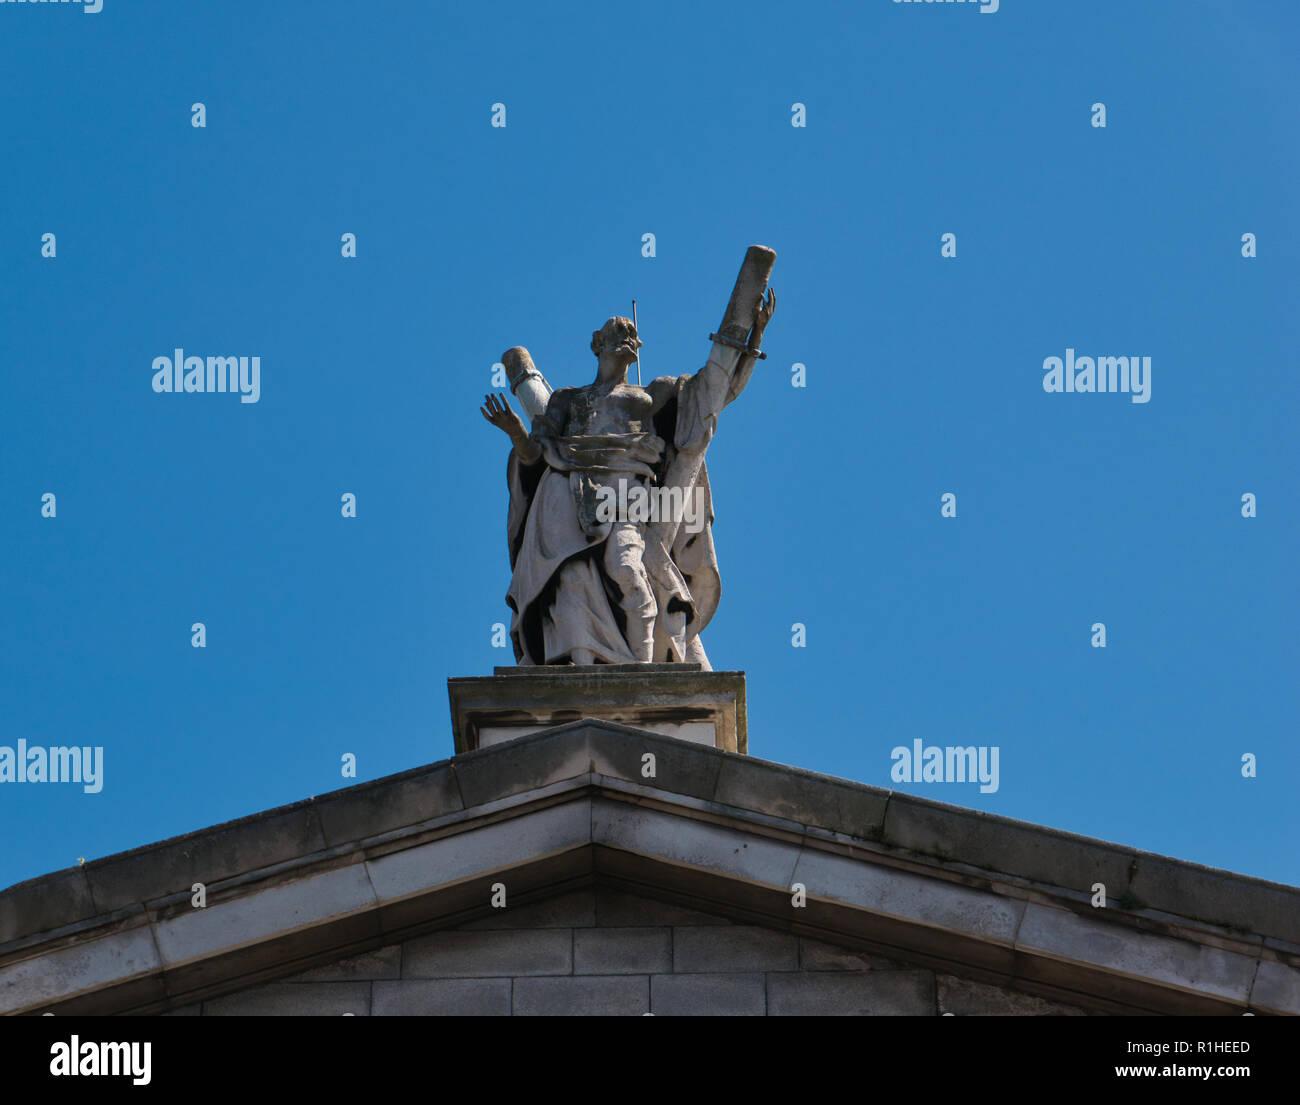 Die St. Andrew Statue auf dem Giebel einer Kirche in der Stadt Dublin - Stock Image